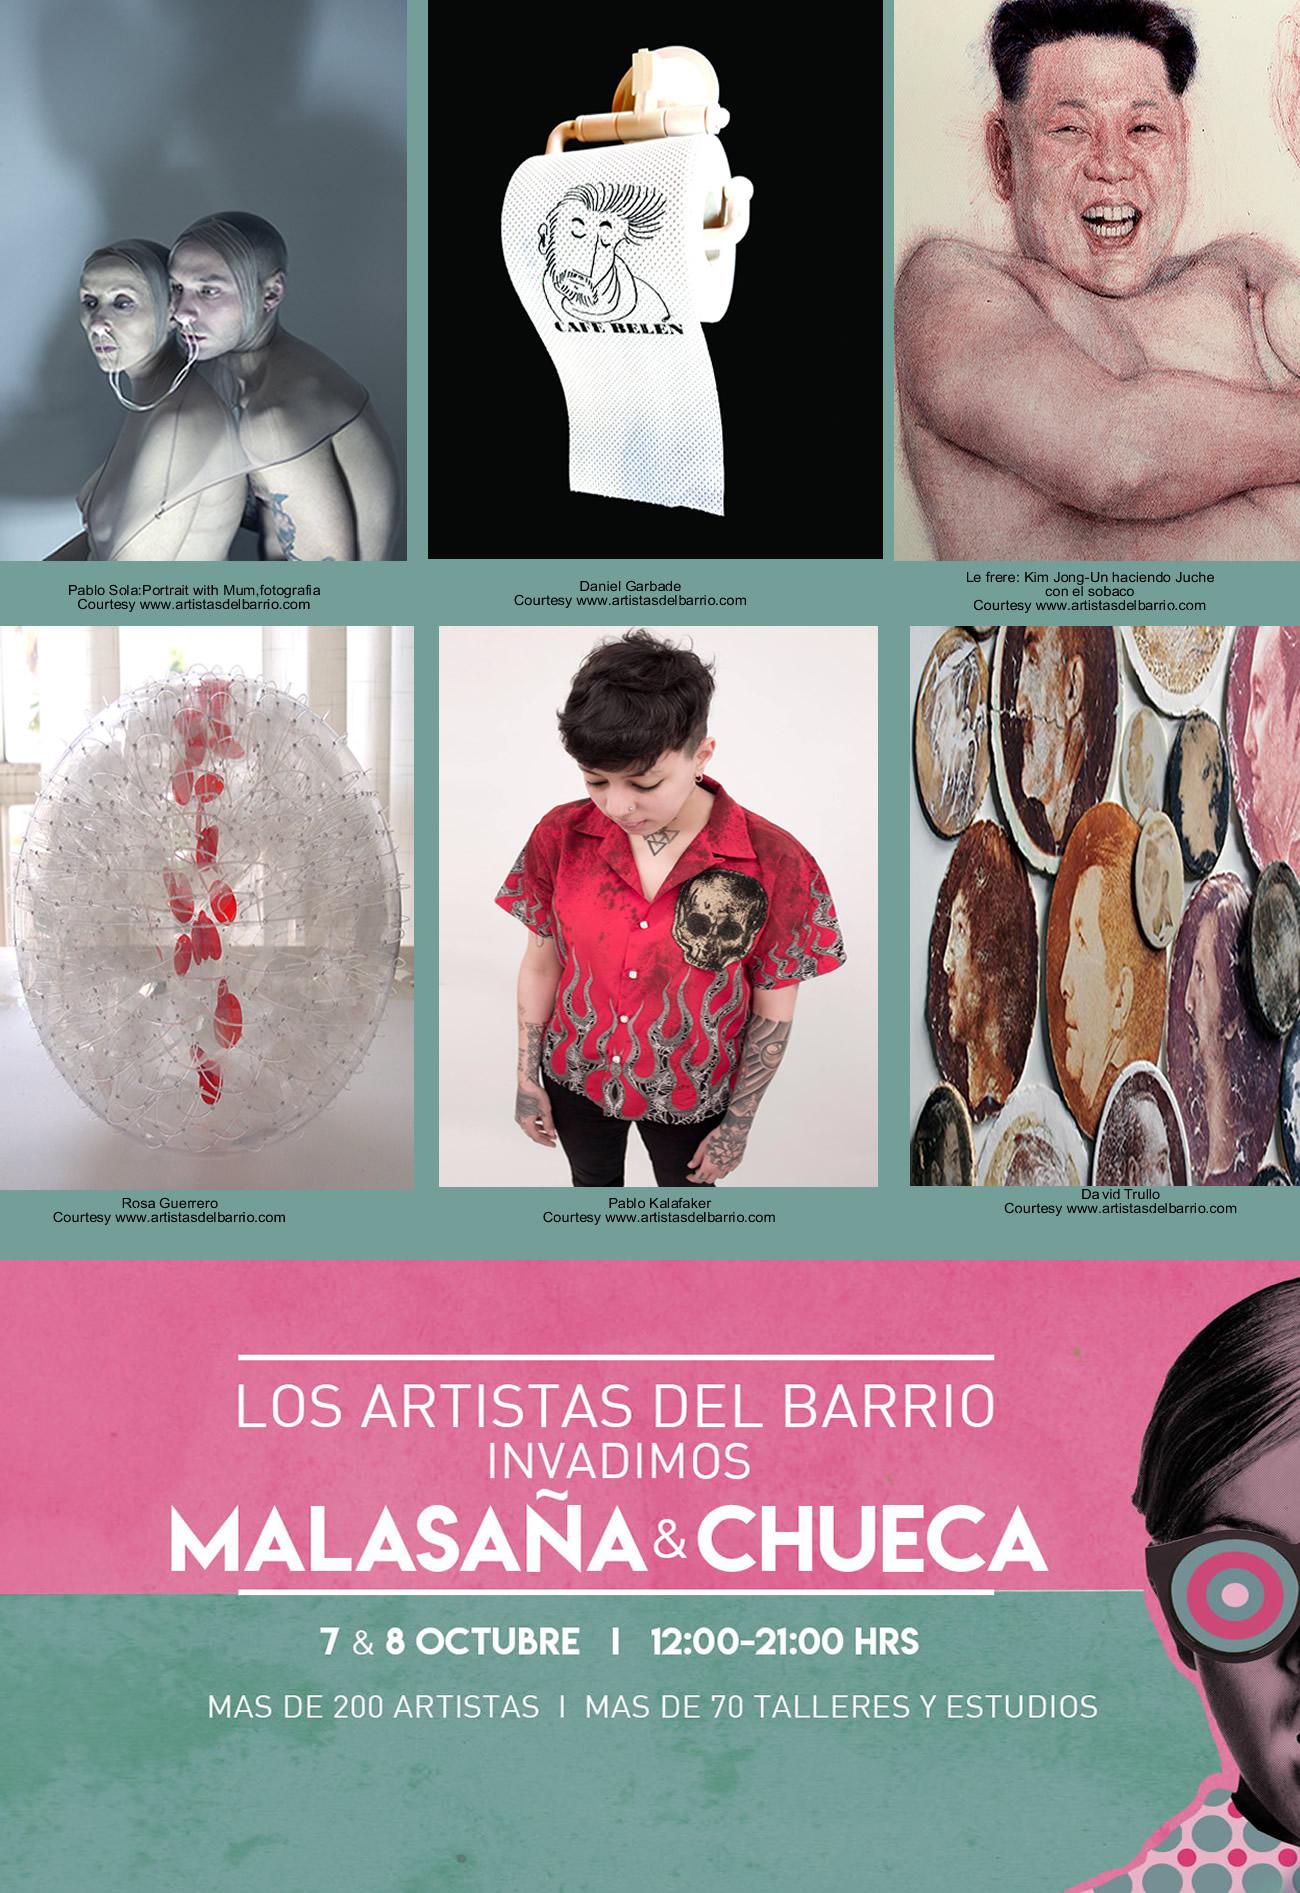 Los artistas del Barrio,Trullo,le frere,garbade,Alvar,Sola,Kaffakar